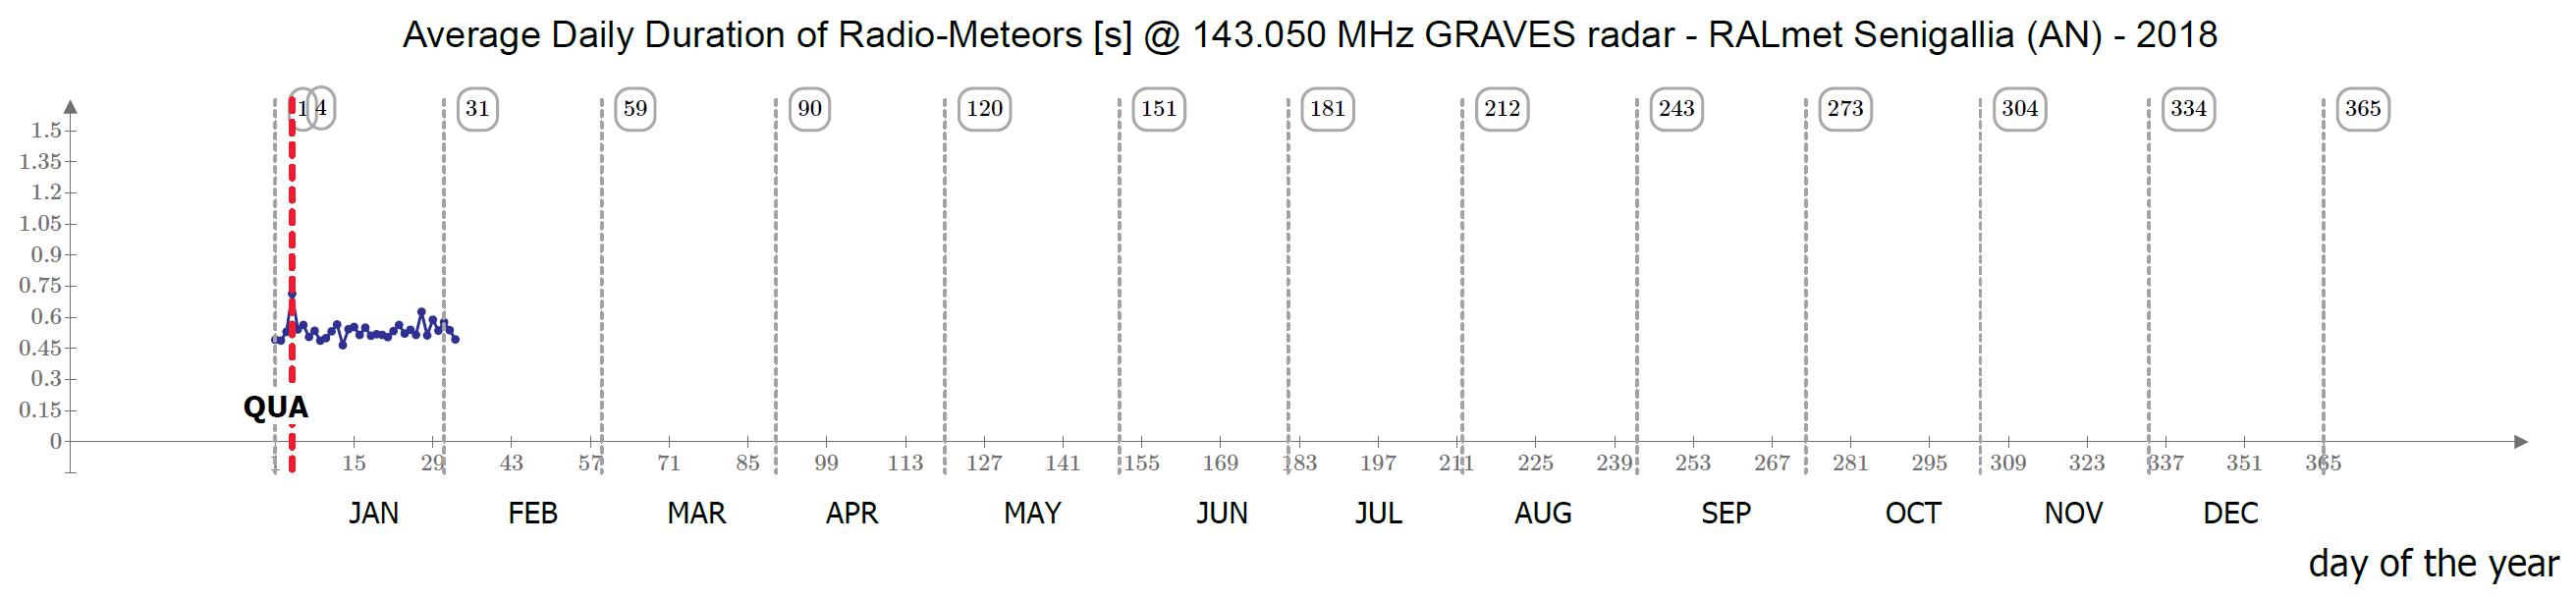 Il rapporto fra la somma delle durate e il numero di eventi catturati ogni giorno fornisce una misura sulla durata media dei radio-echi meteorici in quel periodo.